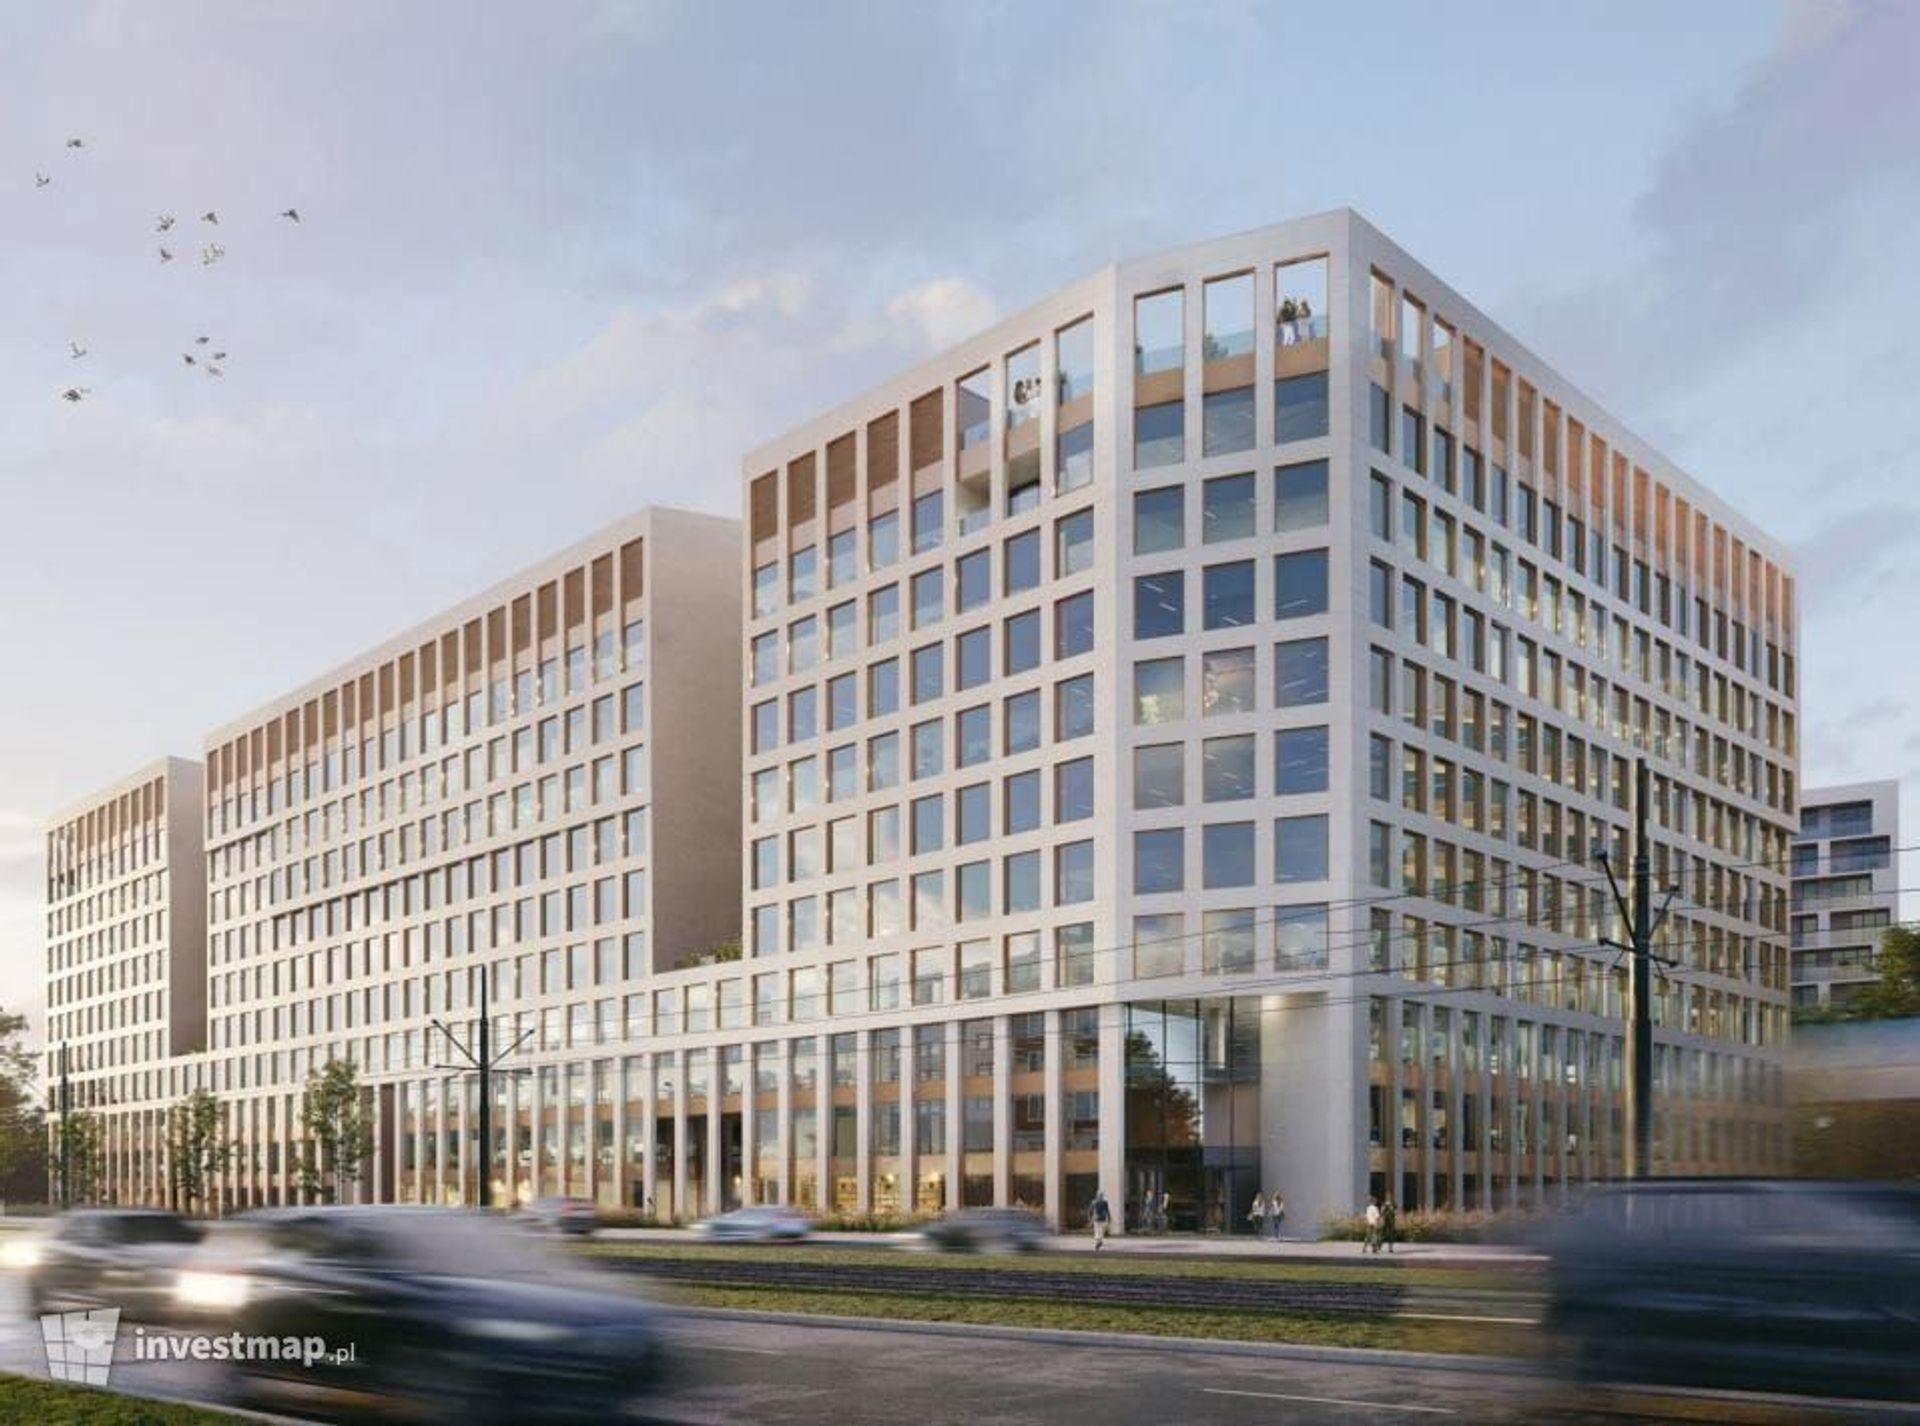 W Krakowie trwa budowa nowego kompleksu biurowego Brain Park [ZDJĘCIA + WIZUALIZACJE]